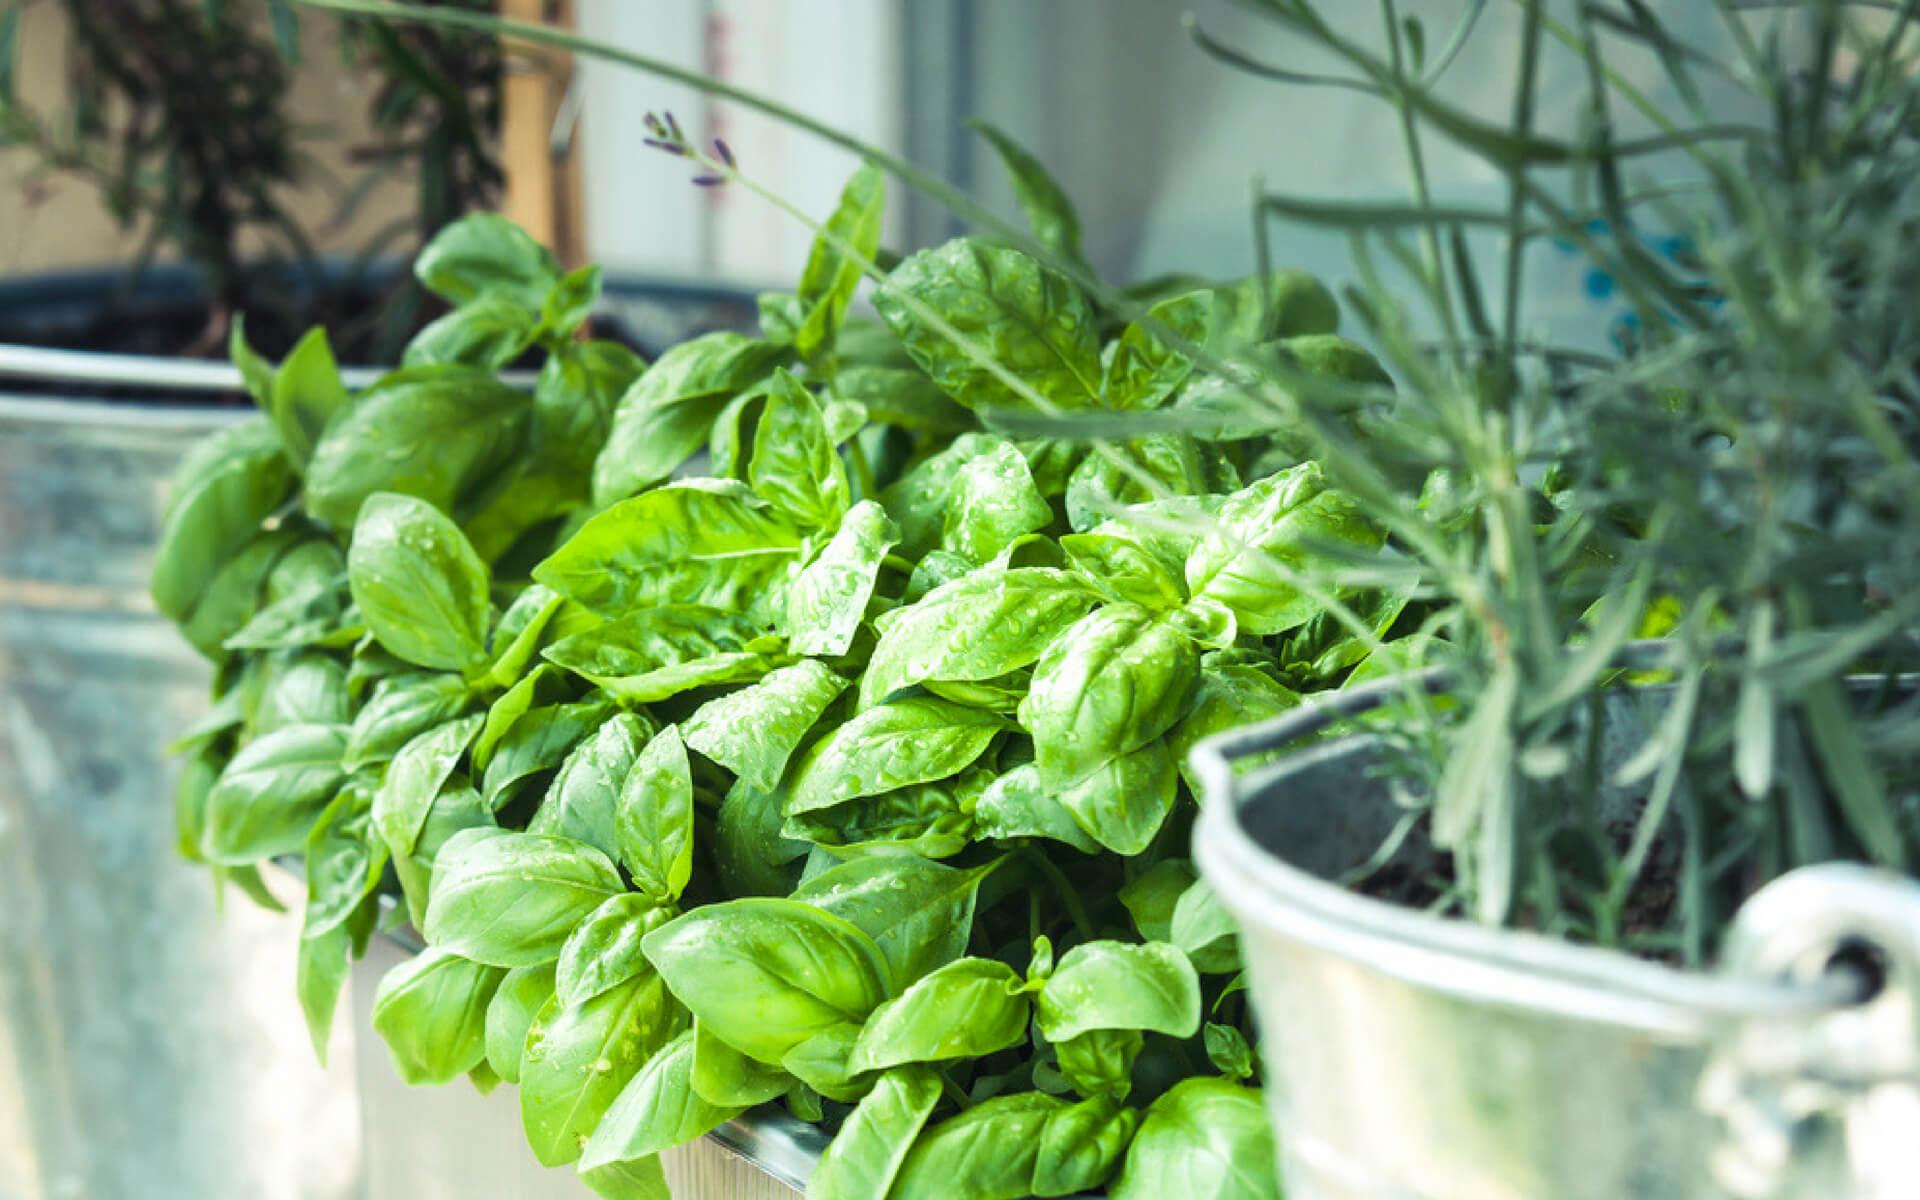 Il basilico e le piante aromatiche sono un modo naturale per cacciare le cimici da casa